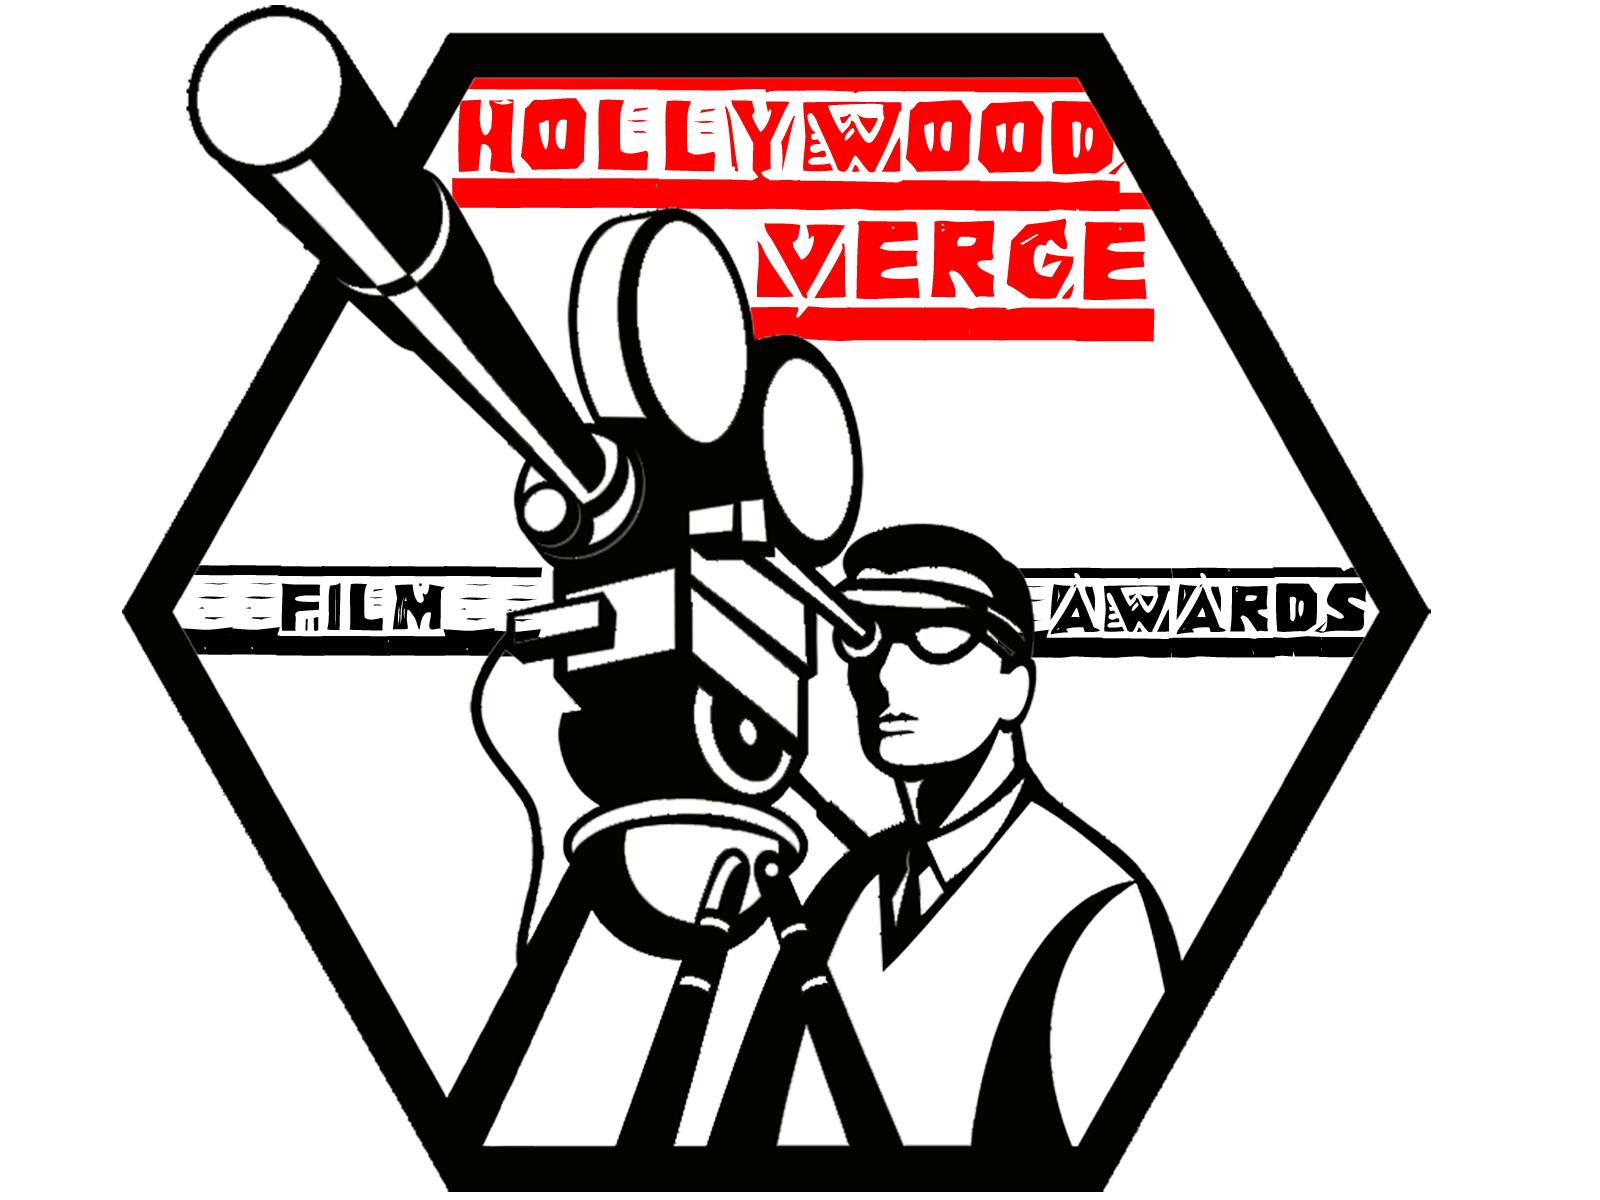 hollywoodverge.png